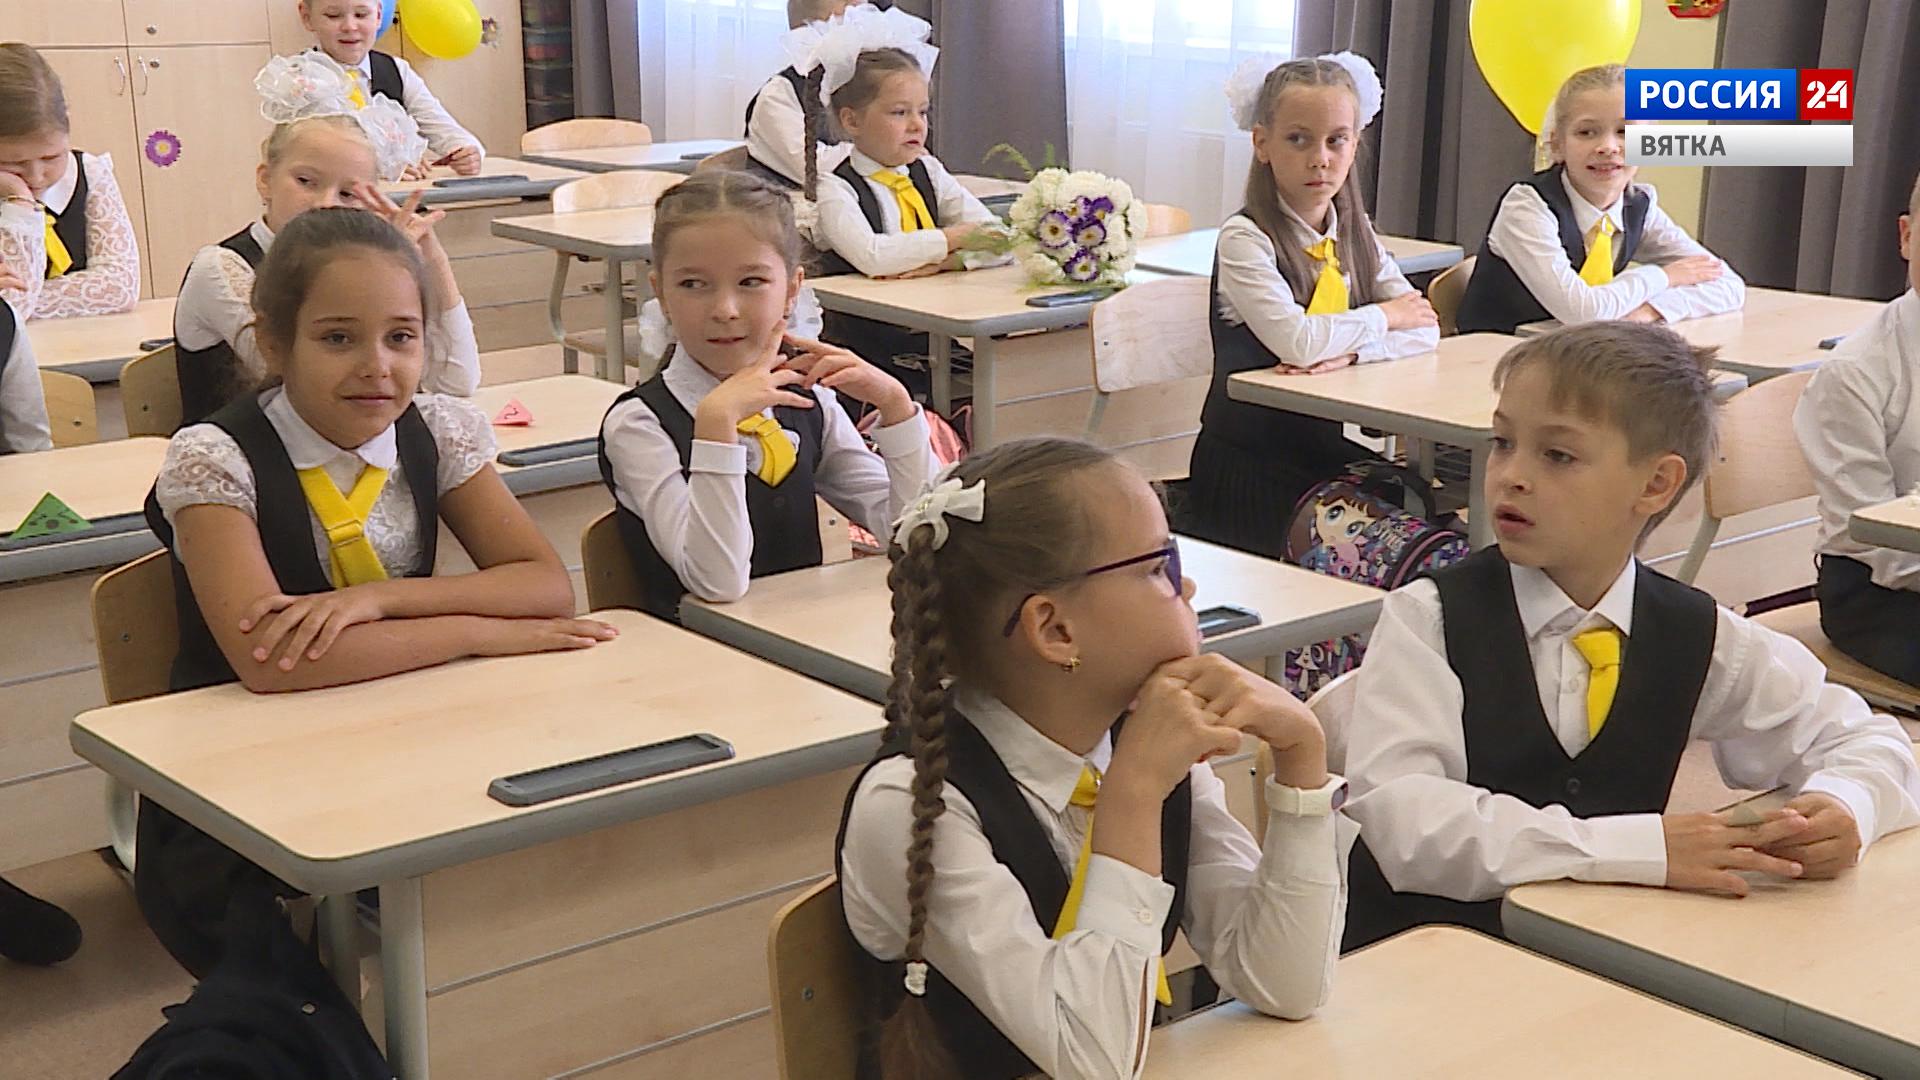 Вести. Киров (Россия 24) 06.07.2021